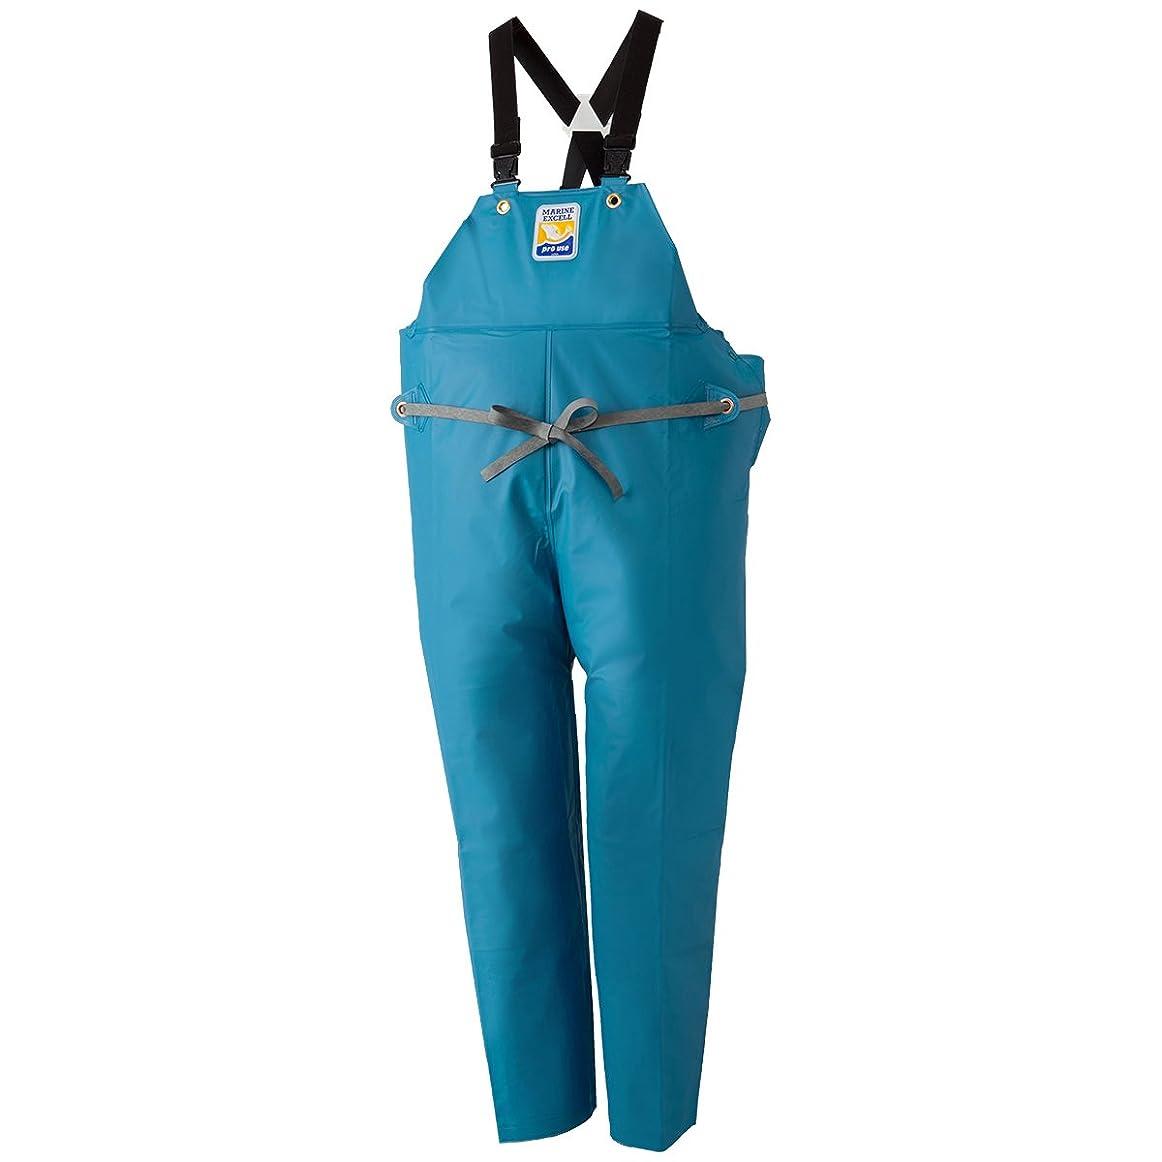 からかう多様体悪質なマリンエクセル(MARINE EXCELL) 産業用レインウェア 胸当付ズボン膝当て付(サスペンダー式) 12063161 ターコイズ LL